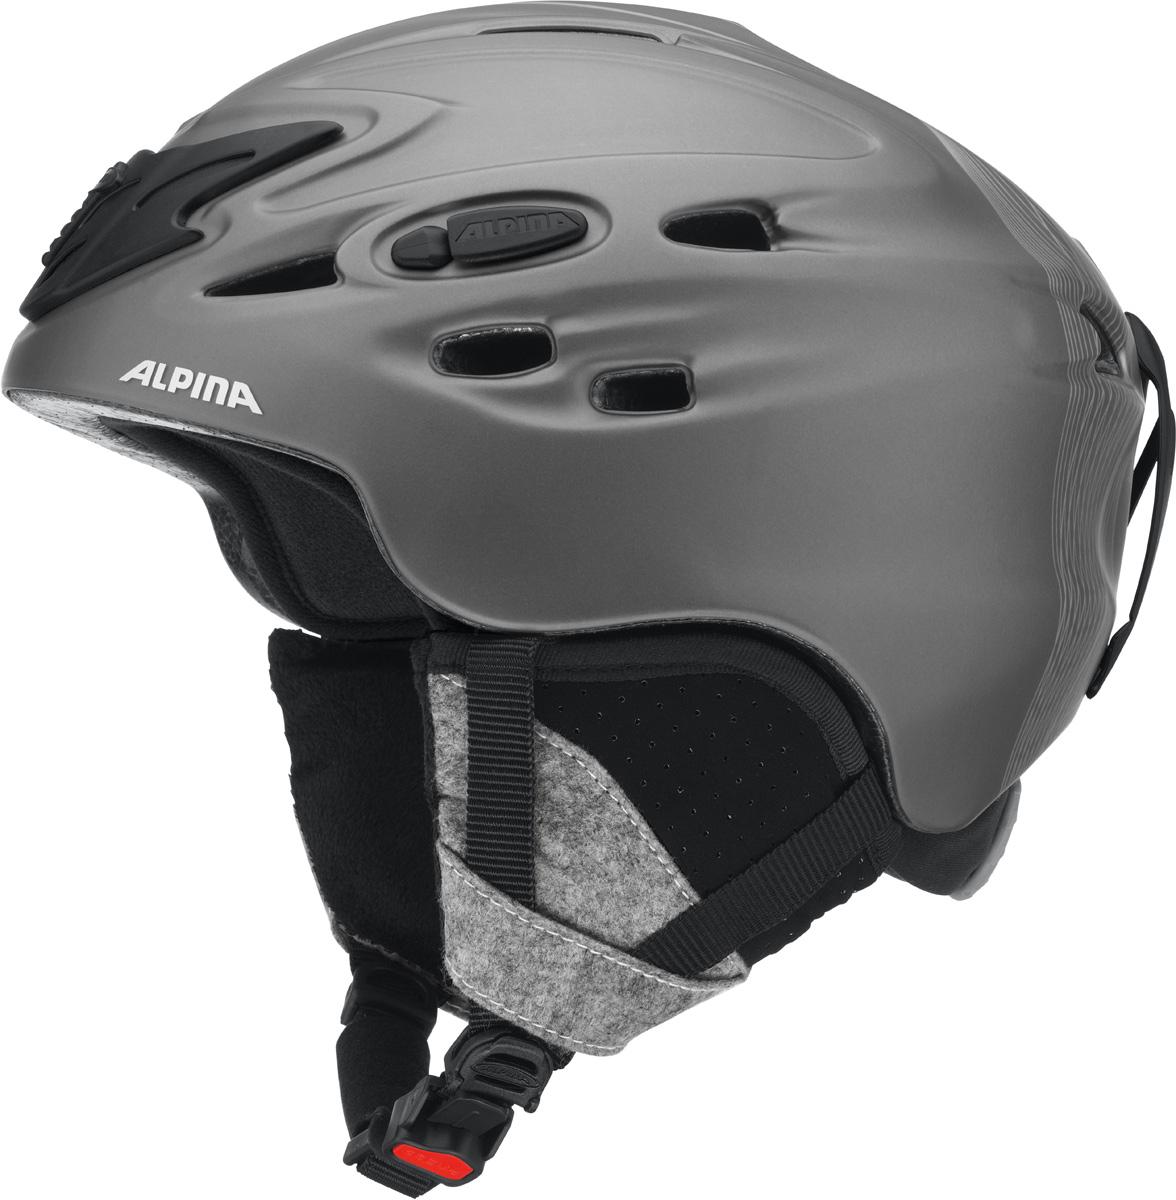 Шлем горнолыжный Alpina Scara, цвет: черный. A9017_46. Размер 52-56 бензопила alpina серия black a 4500 18